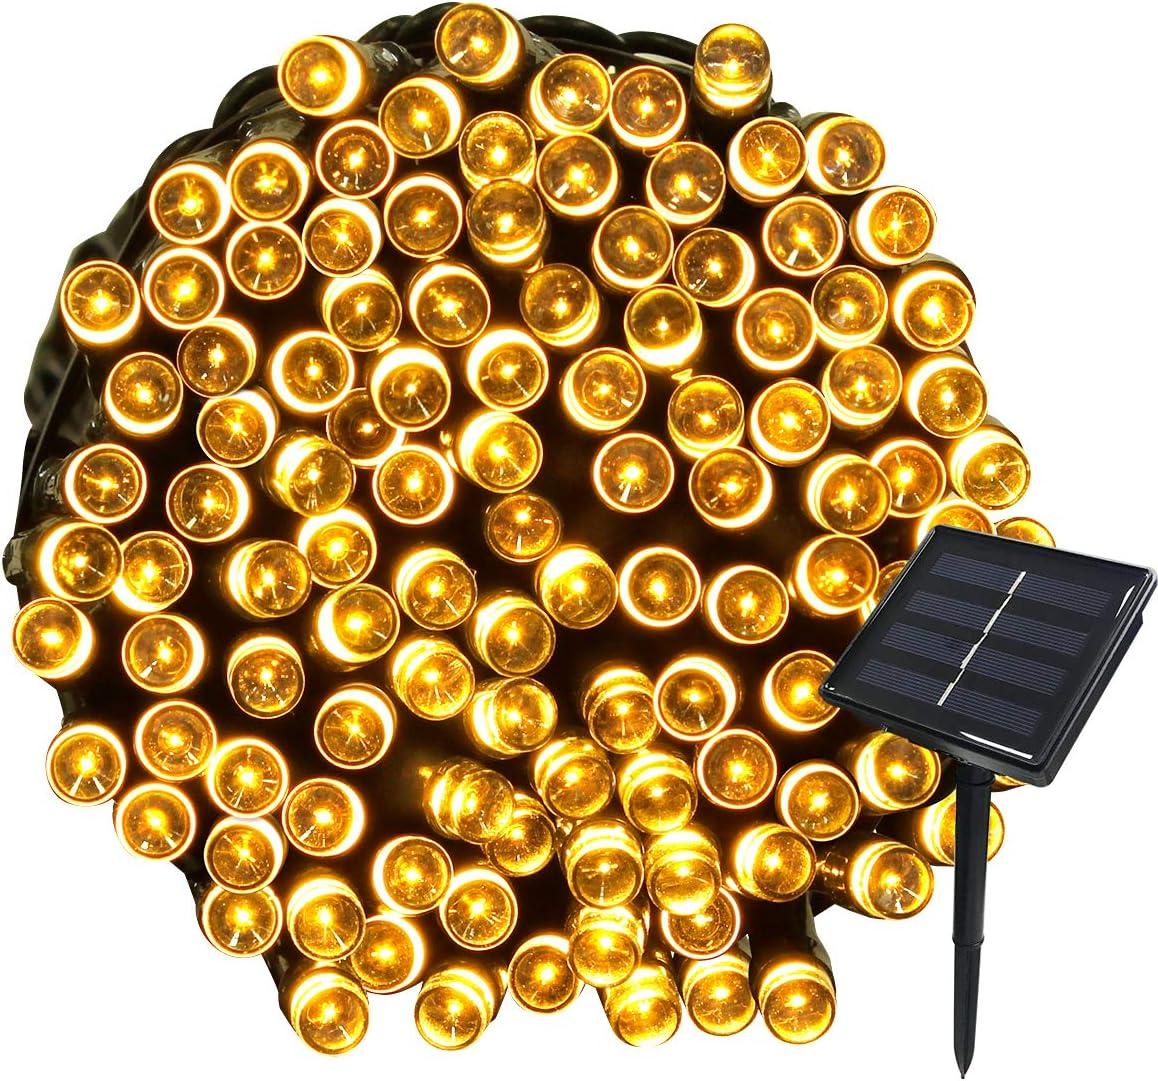 Rose Tuokay 22M Guirlande Solaire 200 LED 8 Jeux de Lumi/ère Guirlande Lumineuse Id/éal pour F/ête Mariage Anniversaire et Jardin Ext/érieur